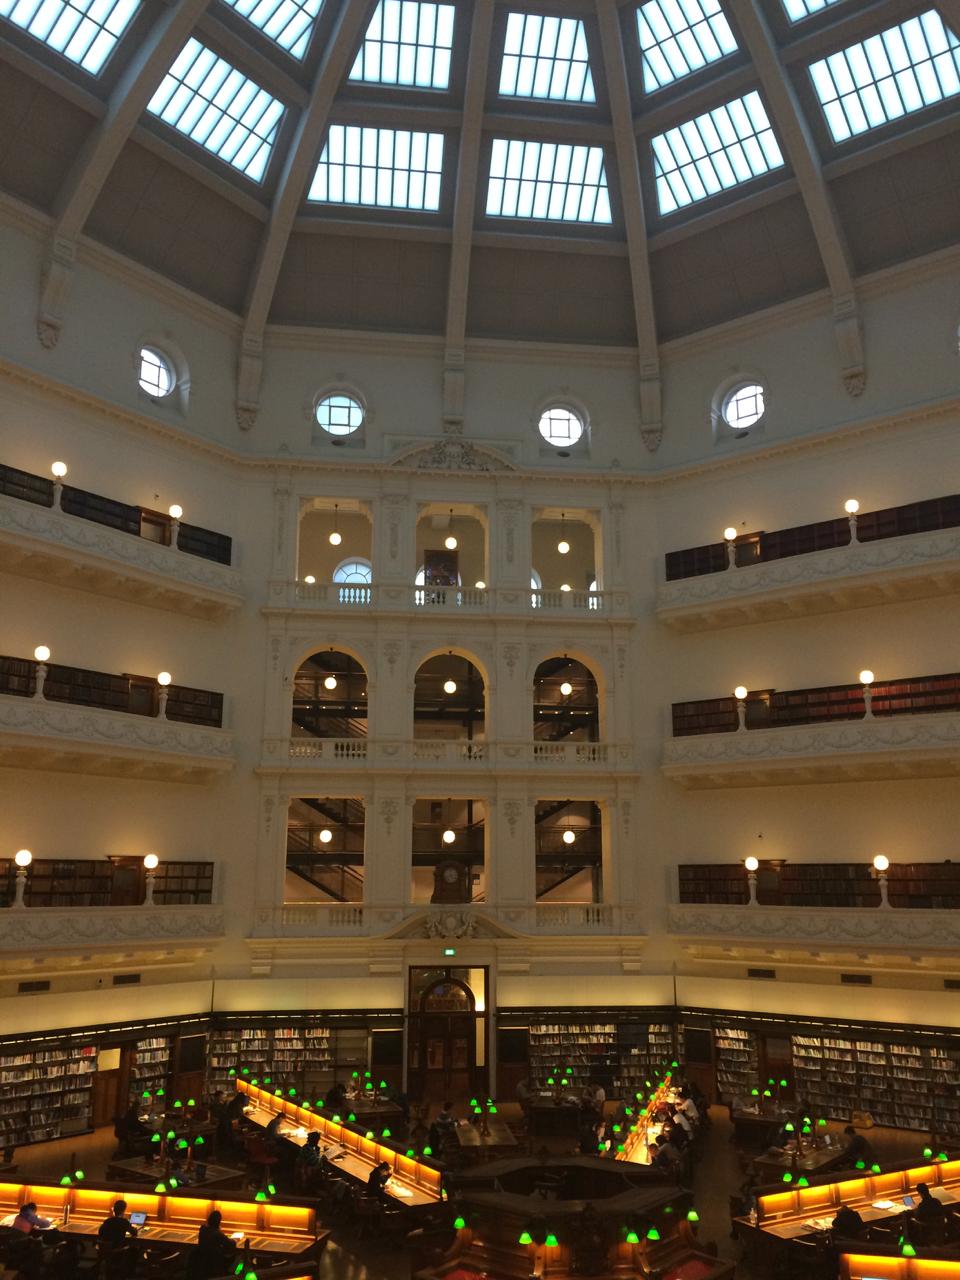 State Library of Victoria Melbourne, Australia